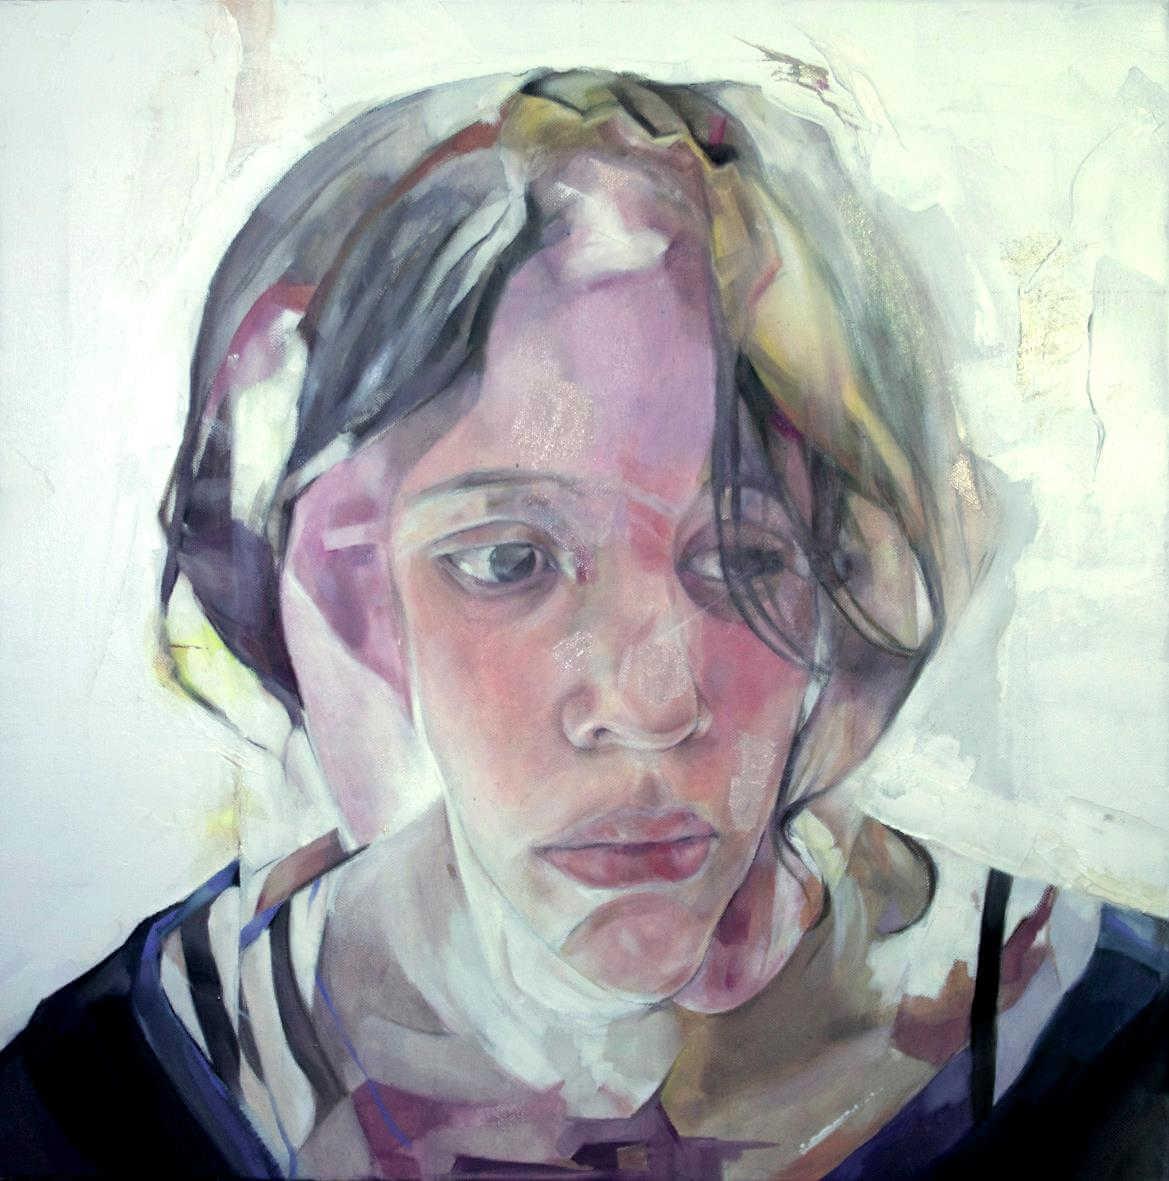 Pintura de la cara de un niño de Benjamín García